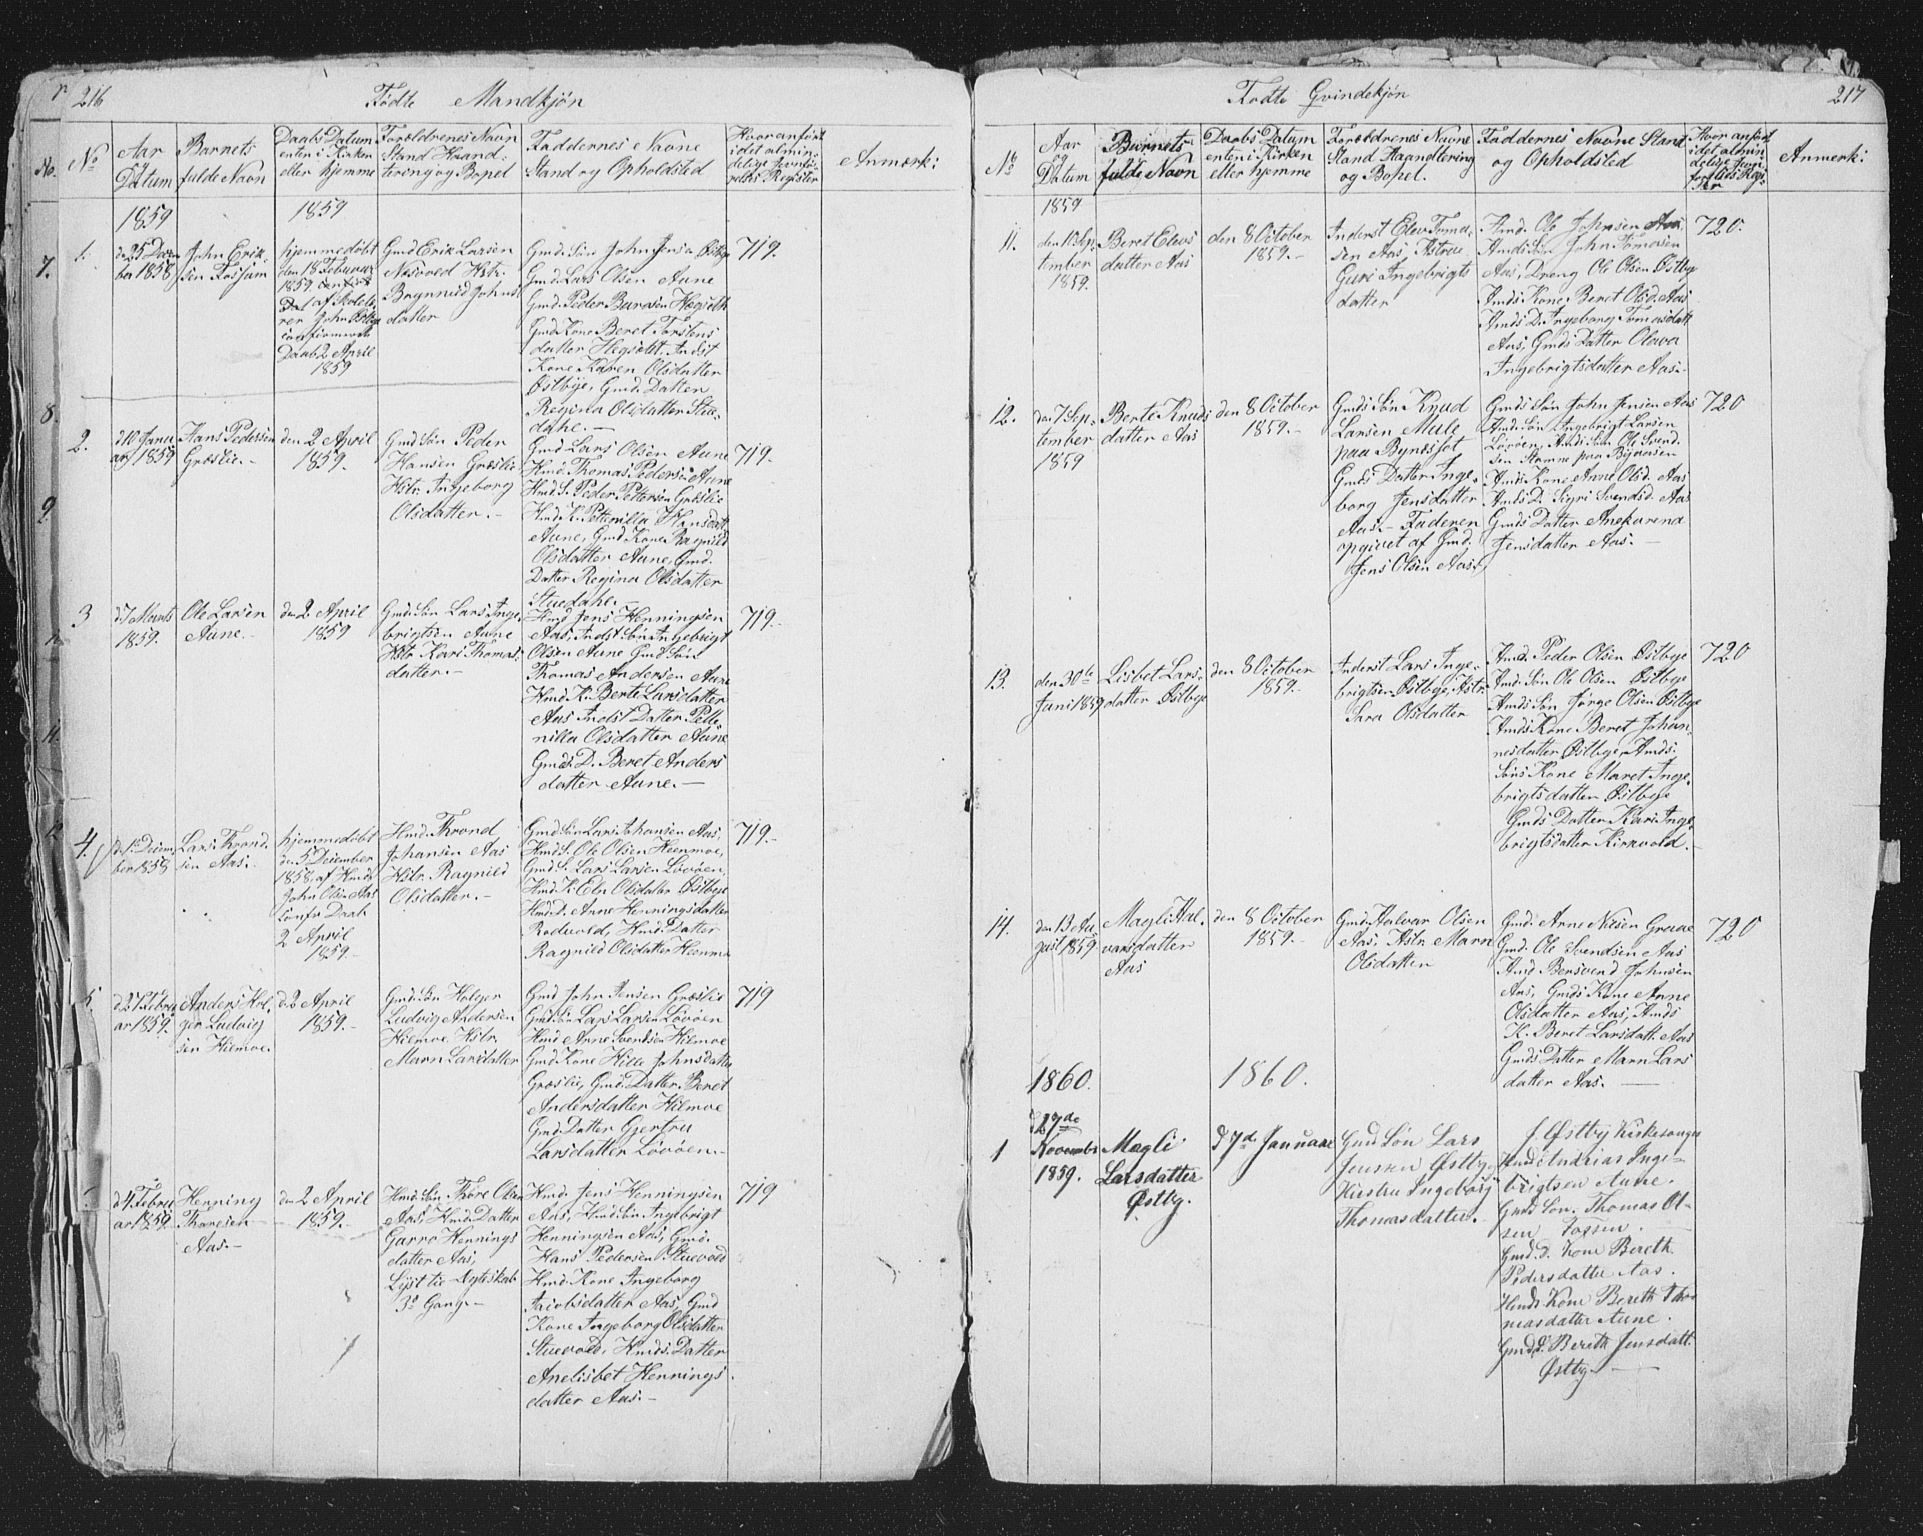 SAT, Ministerialprotokoller, klokkerbøker og fødselsregistre - Sør-Trøndelag, 698/L1165: Klokkerbok nr. 698C02, 1851-1861, s. 216-217